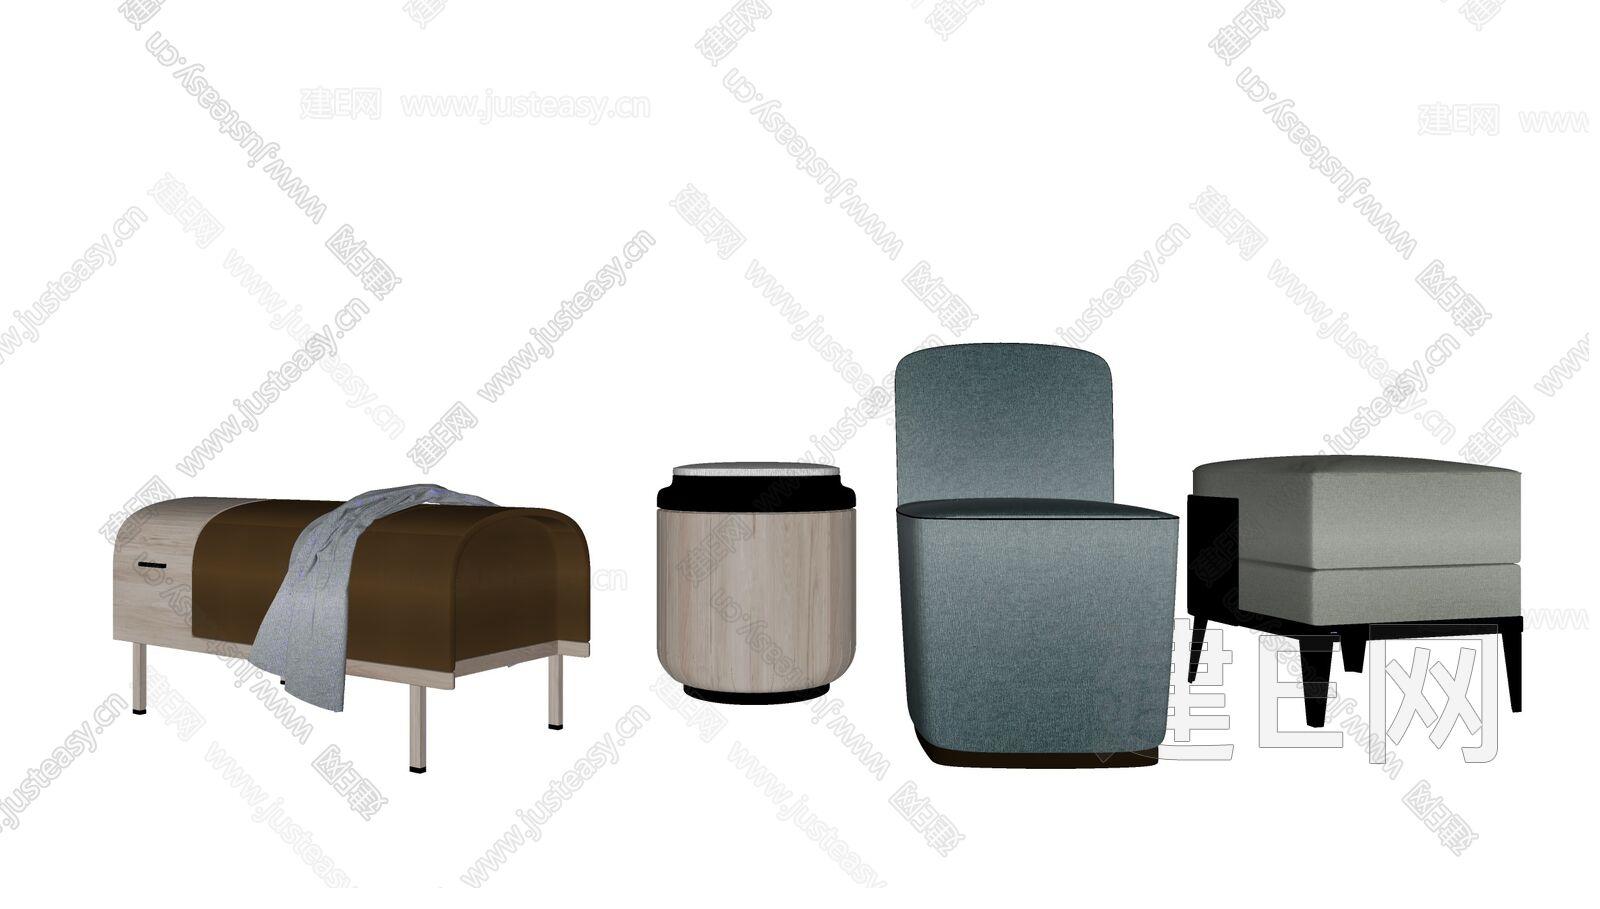 新中式椅凳组合sketchup模型